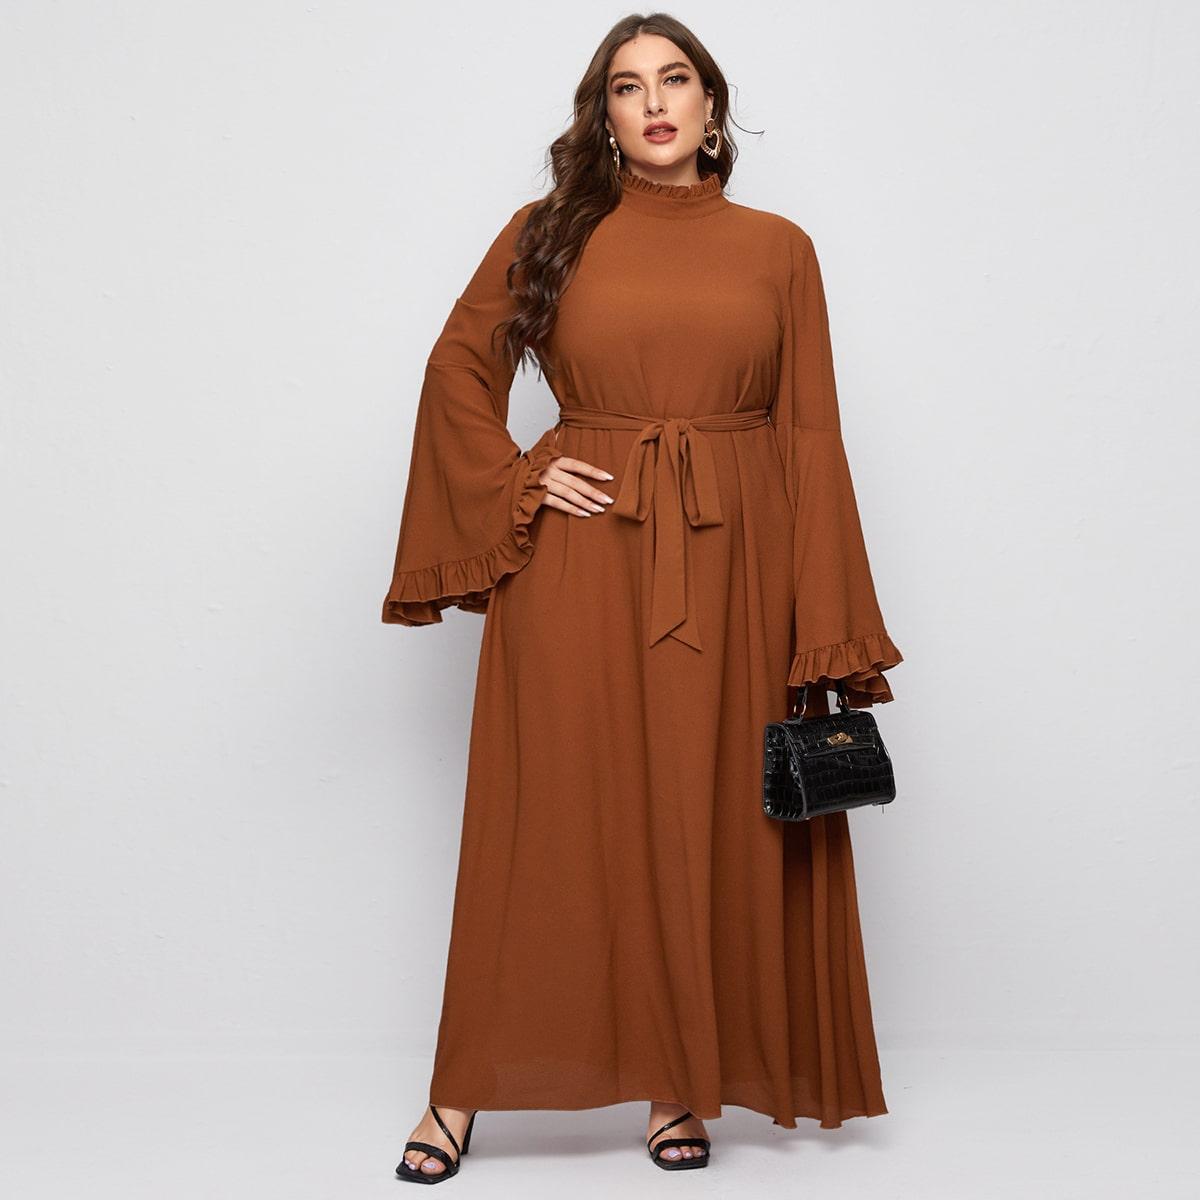 Макси платье размера плюс с поясом